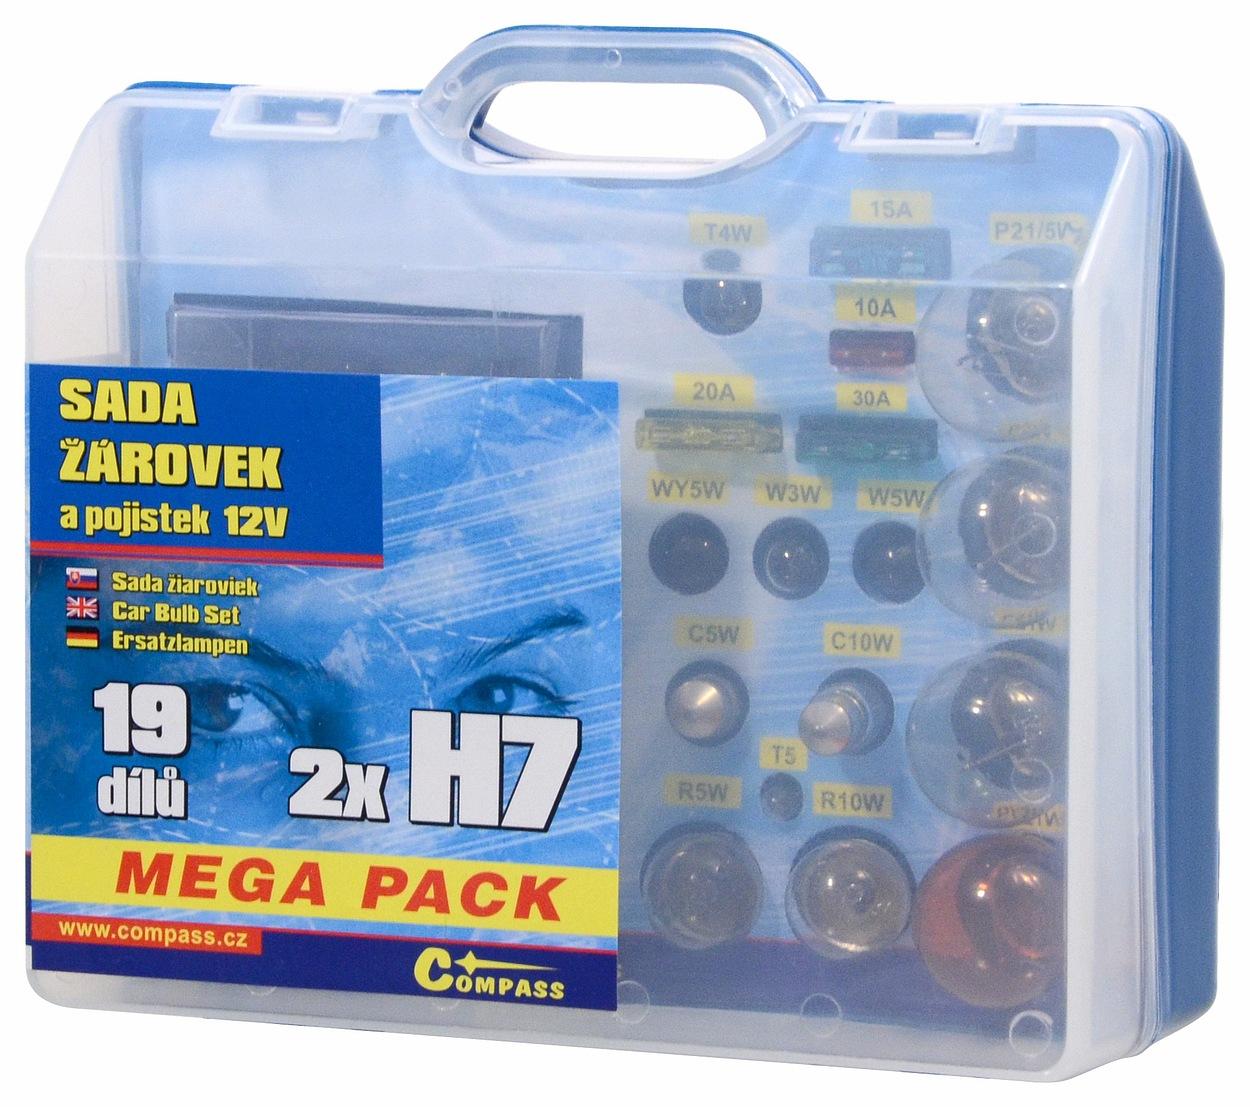 Compass Žárovky 12V servisní box MEGA H7+H7+pojistky